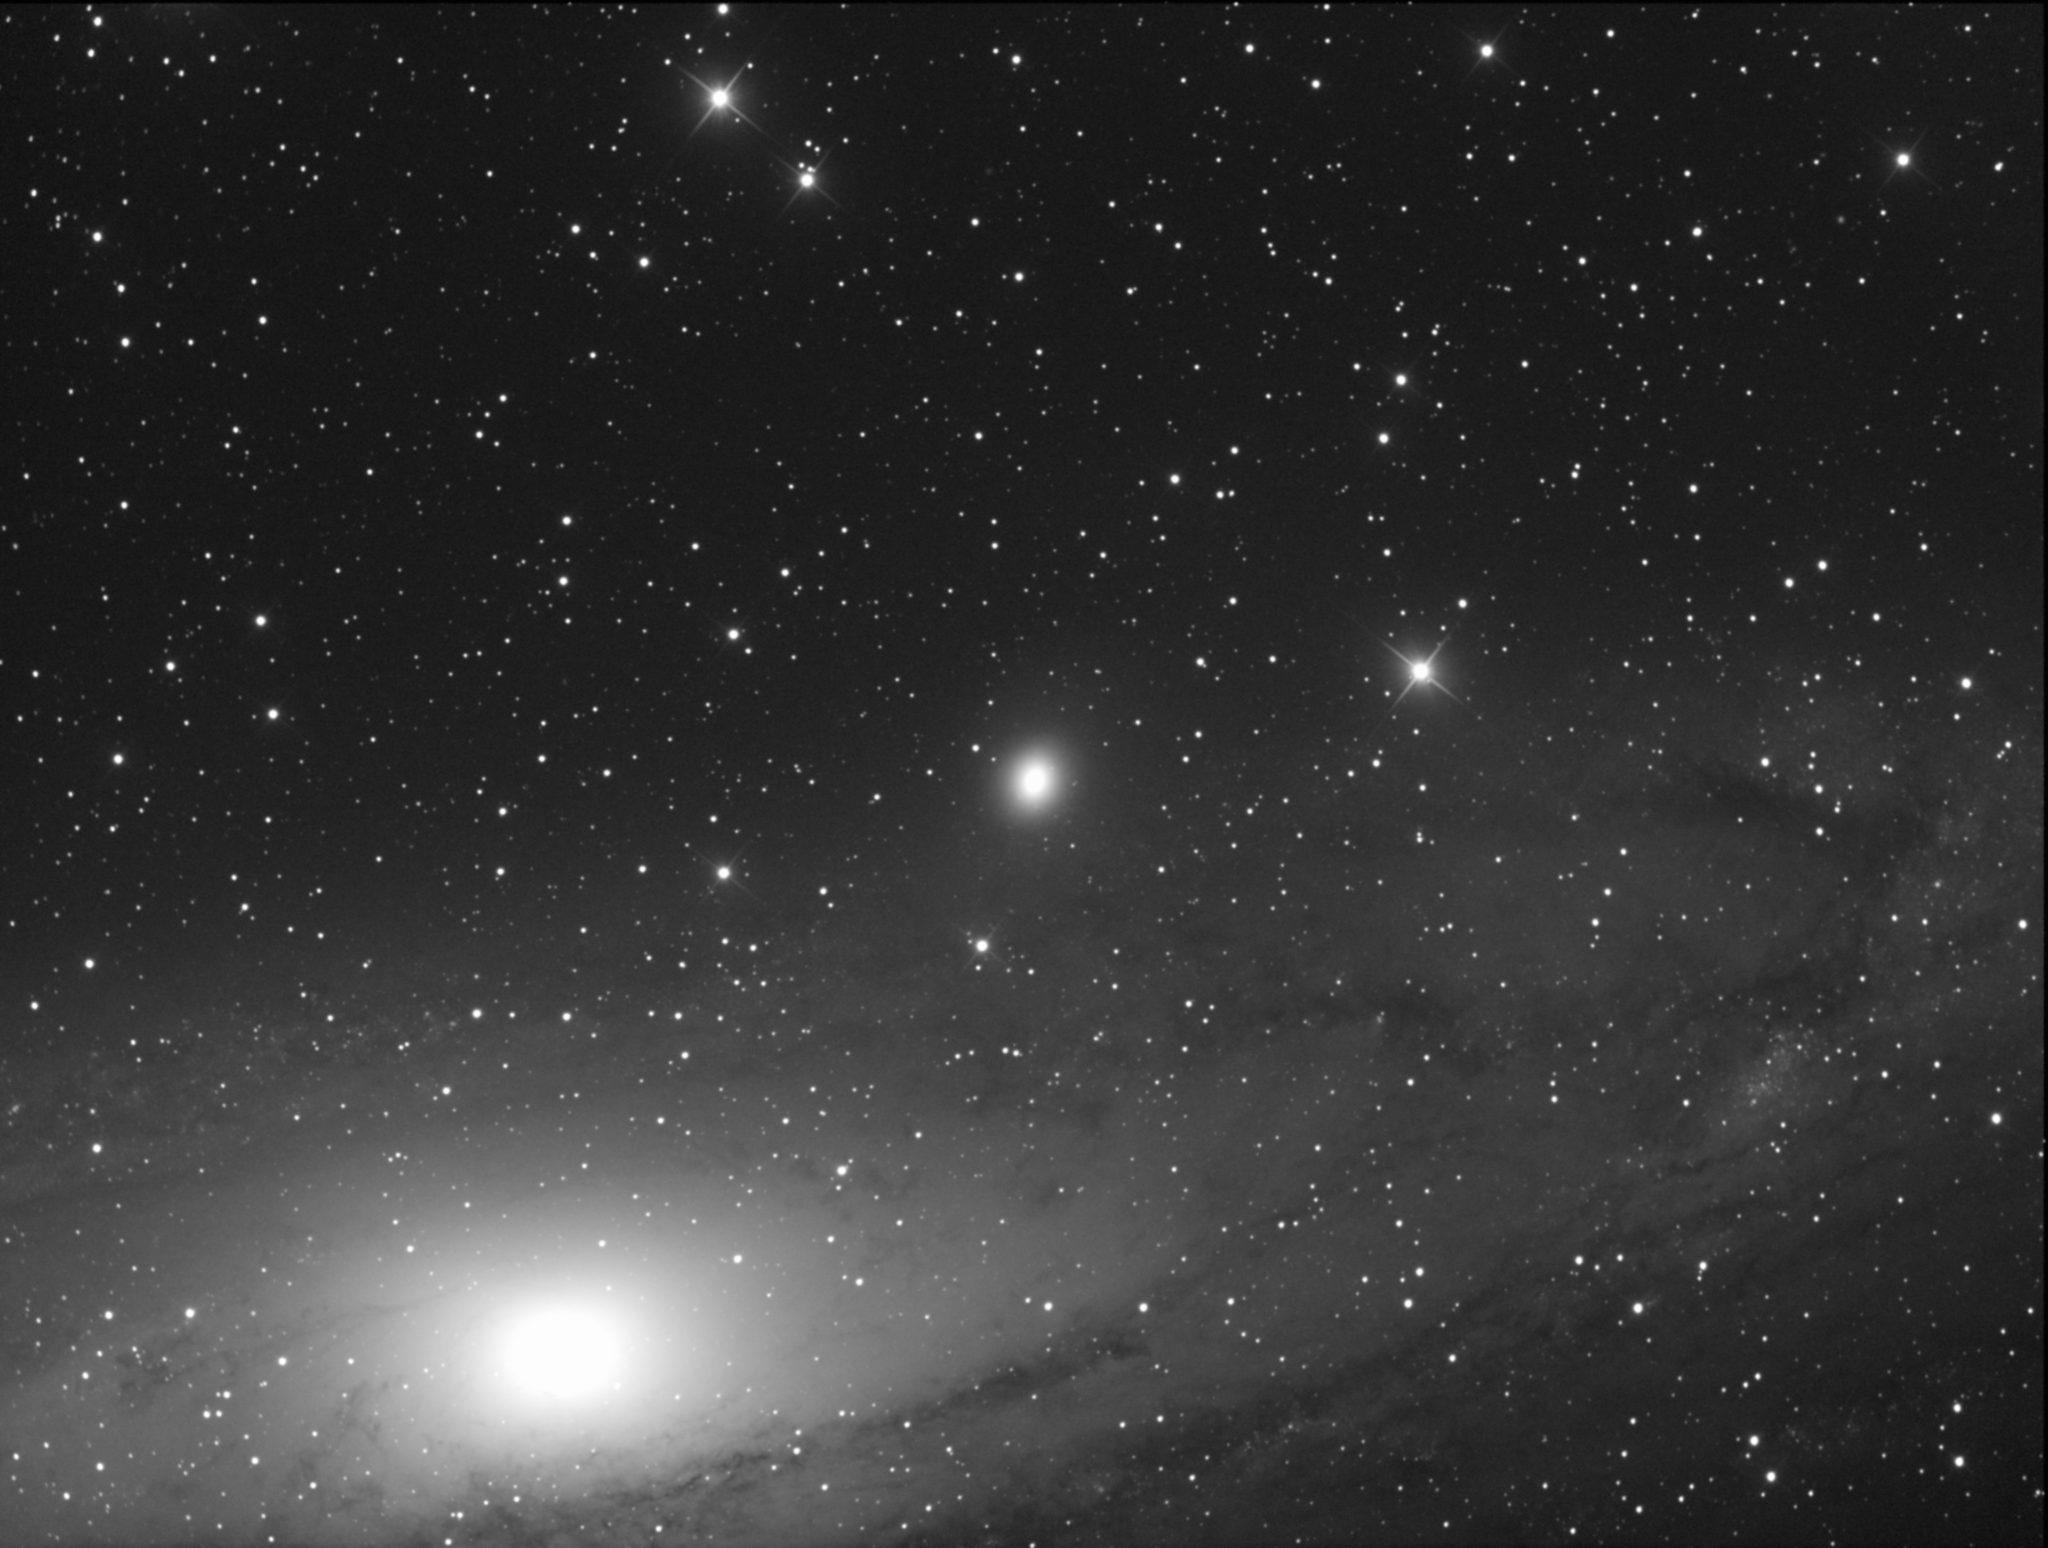 Messier 32